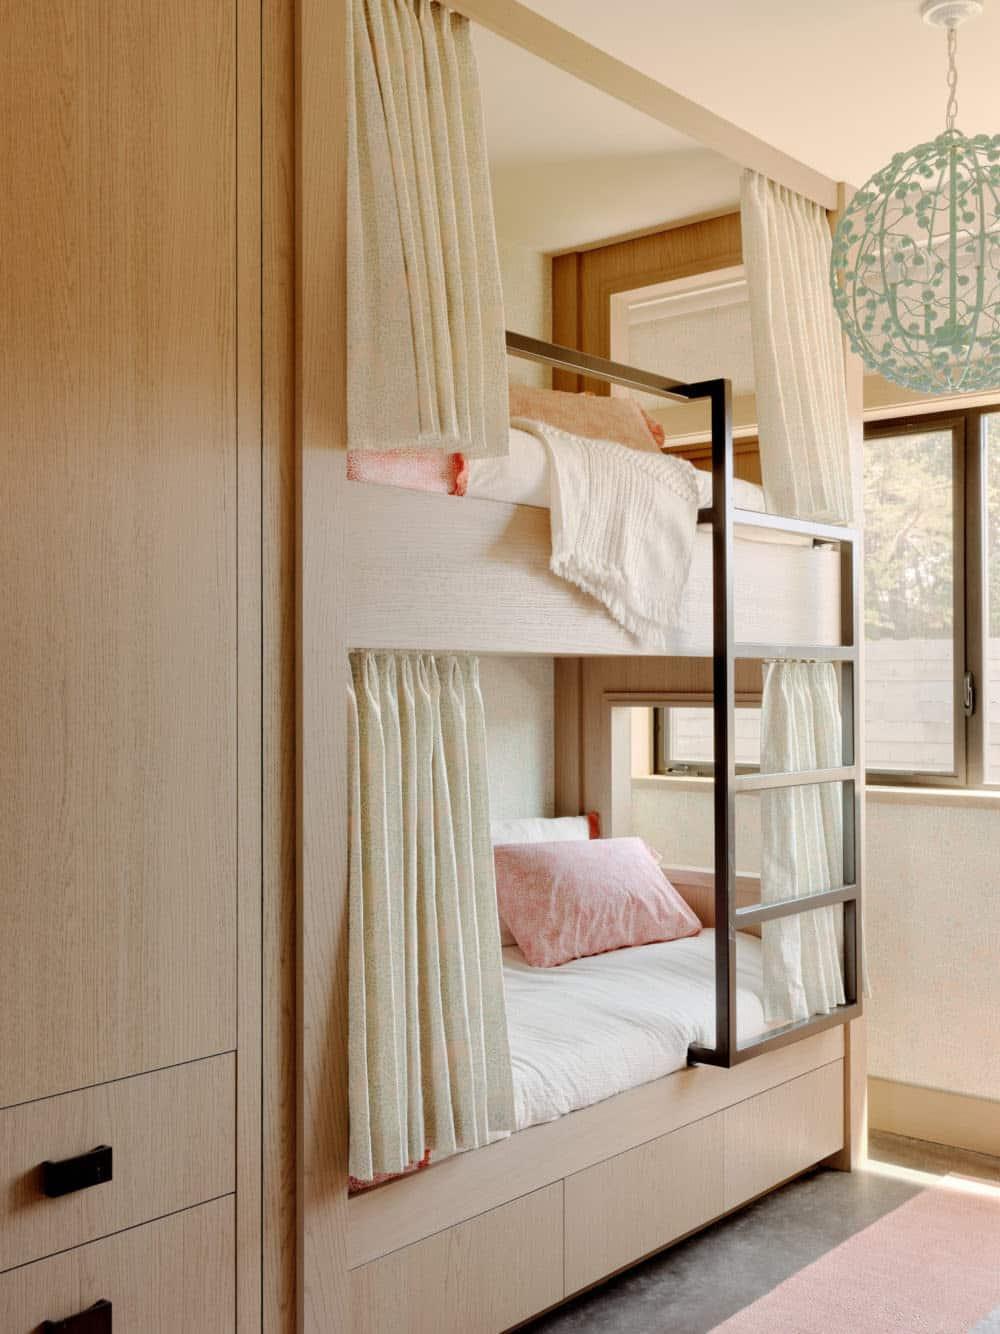 chambre-superposée-chambre-enfant-maison-de-plage-moderne